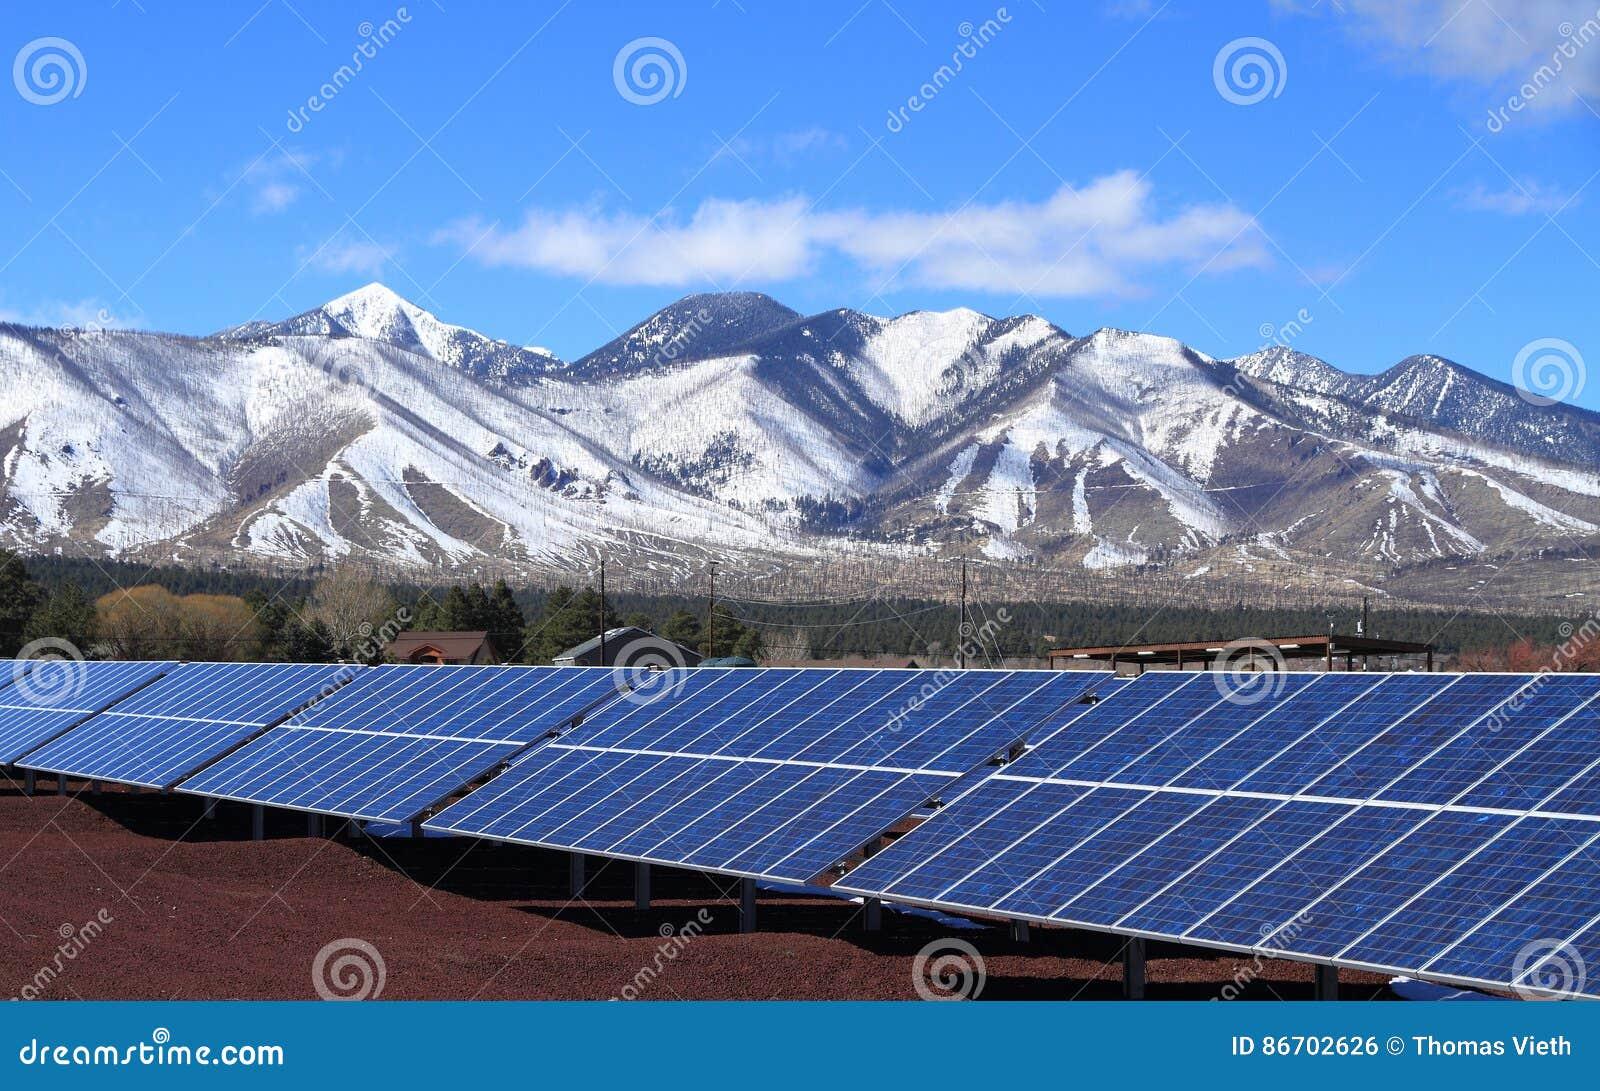 Εγκαταστάσεις ηλιακής ενέργειας στο πόδι των αιχμών του Σαν Φρανσίσκο - Flagstaff, Arizona/USA